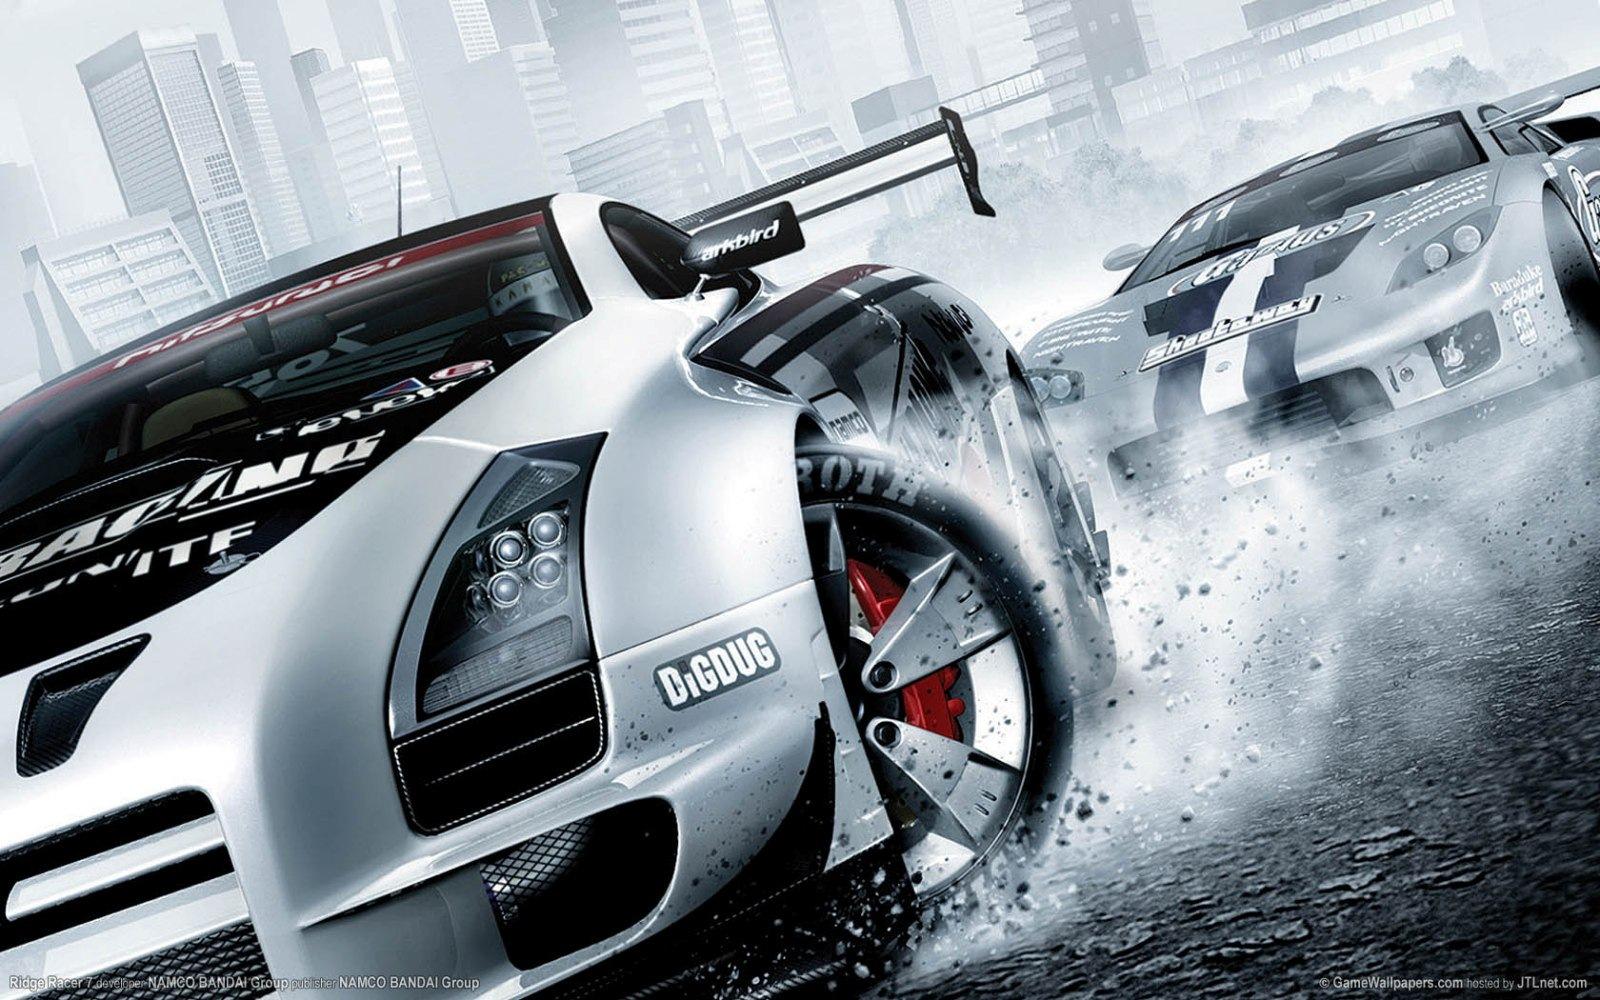 http://2.bp.blogspot.com/-7YZay9ACROg/TY_ipNyMUdI/AAAAAAAABfE/uQlpjjLdF4o/s1600/wallpaper_ridge_racer.jpg